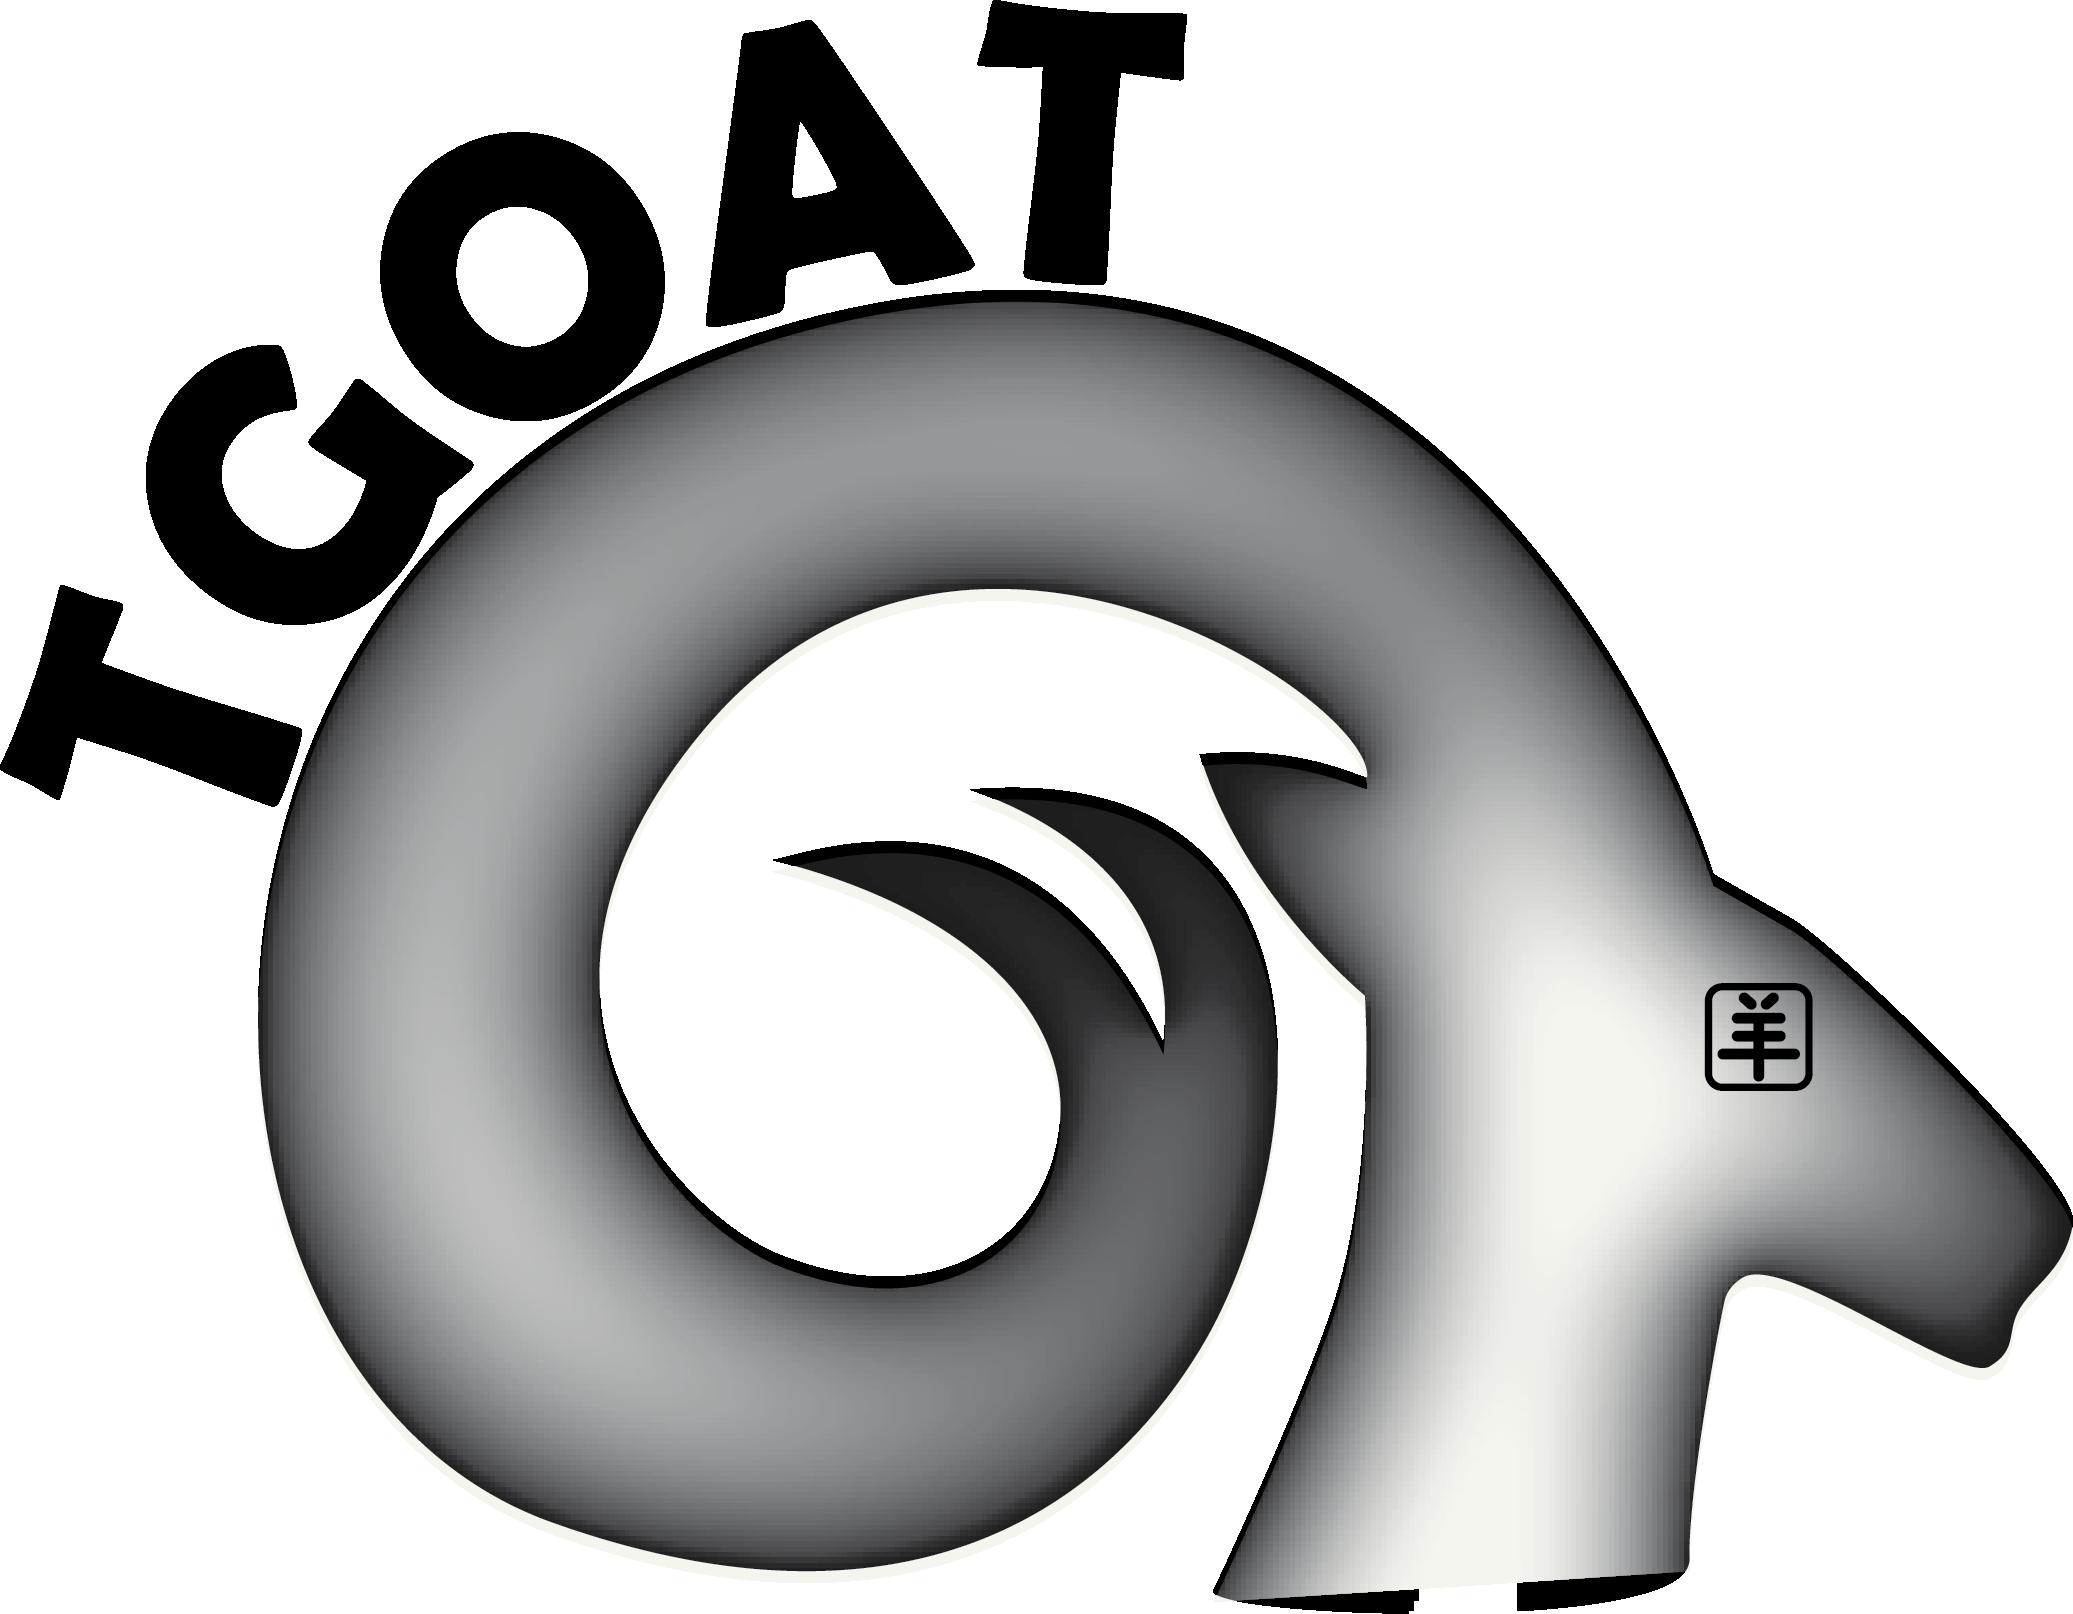 TGOAT ENTERPRISE (M) SDN BHD